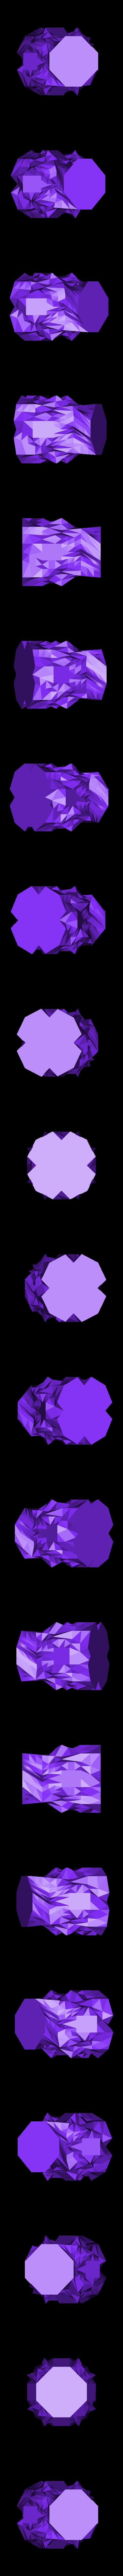 vase05_huge.stl Download free STL file Vase of Carpet No. 01 • Object to 3D print, BAYA